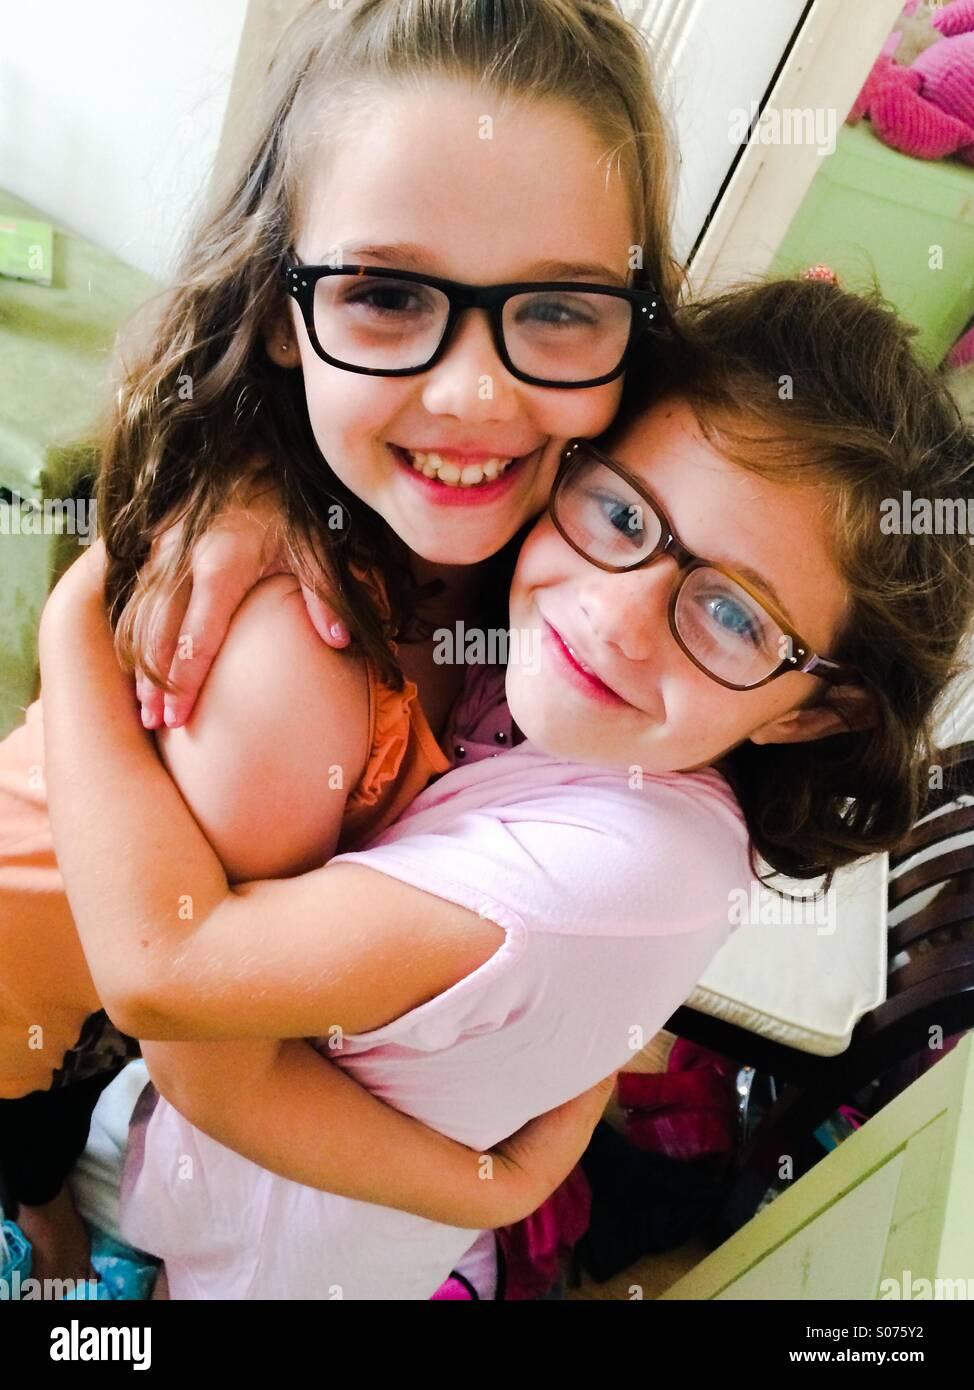 Dos niñas de 6 años con gafas Imagen De Stock